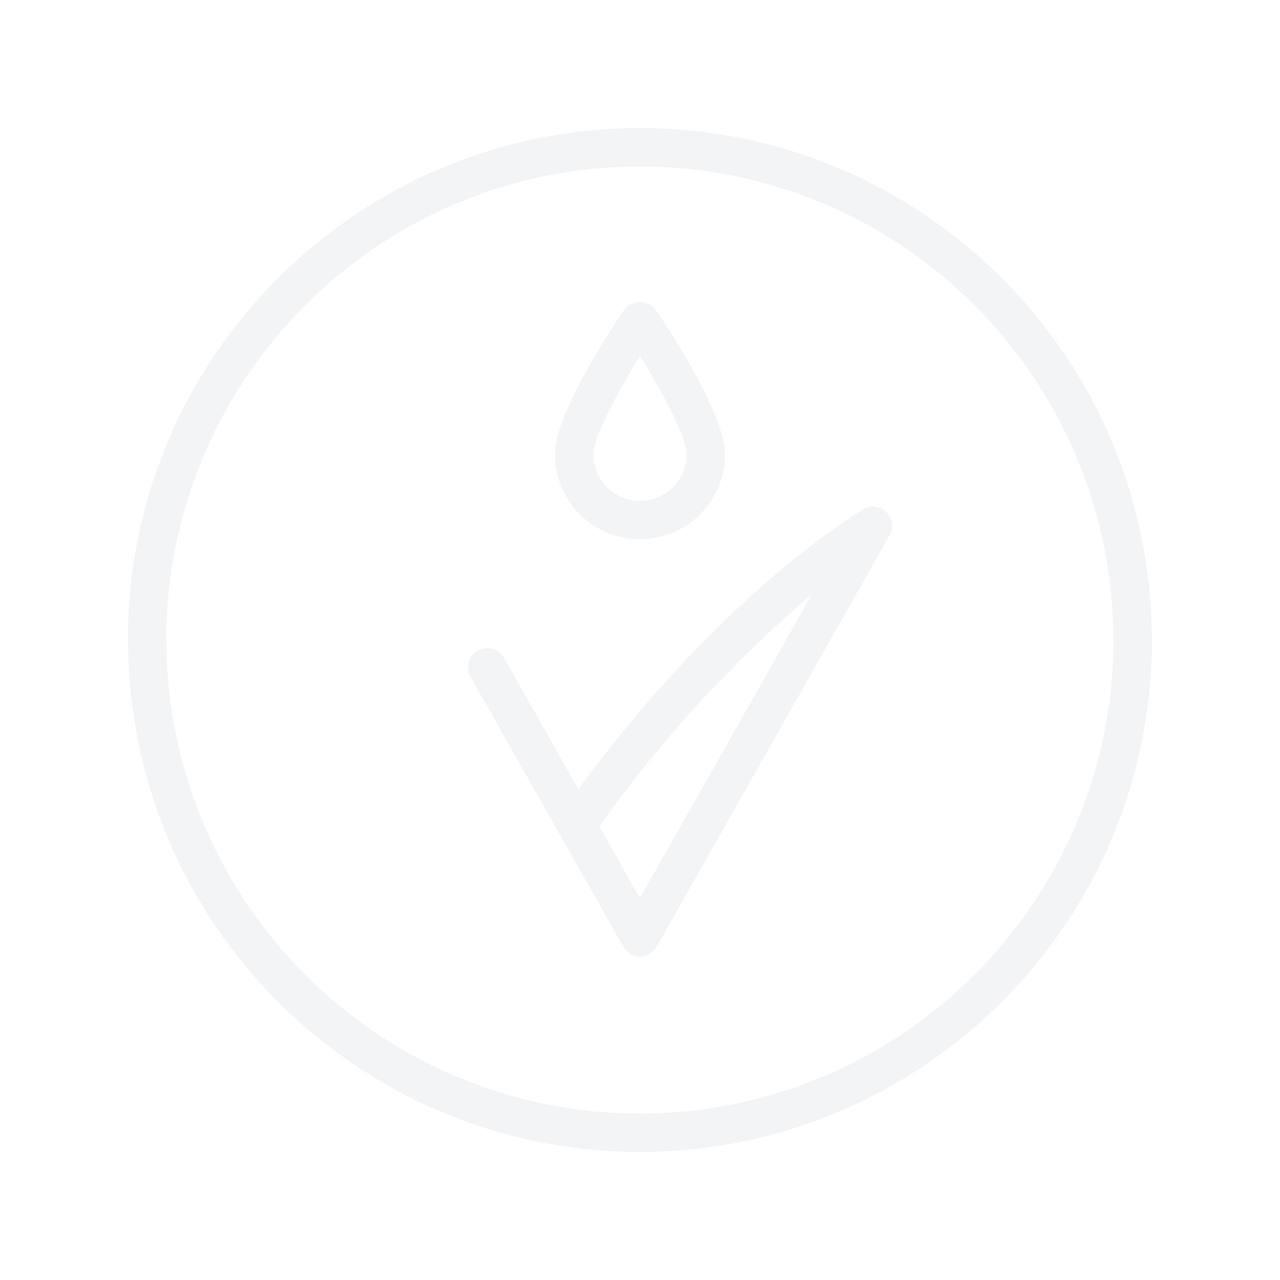 CLARINS 4-Colour Eyeshadow Palette тени для век 6.9g